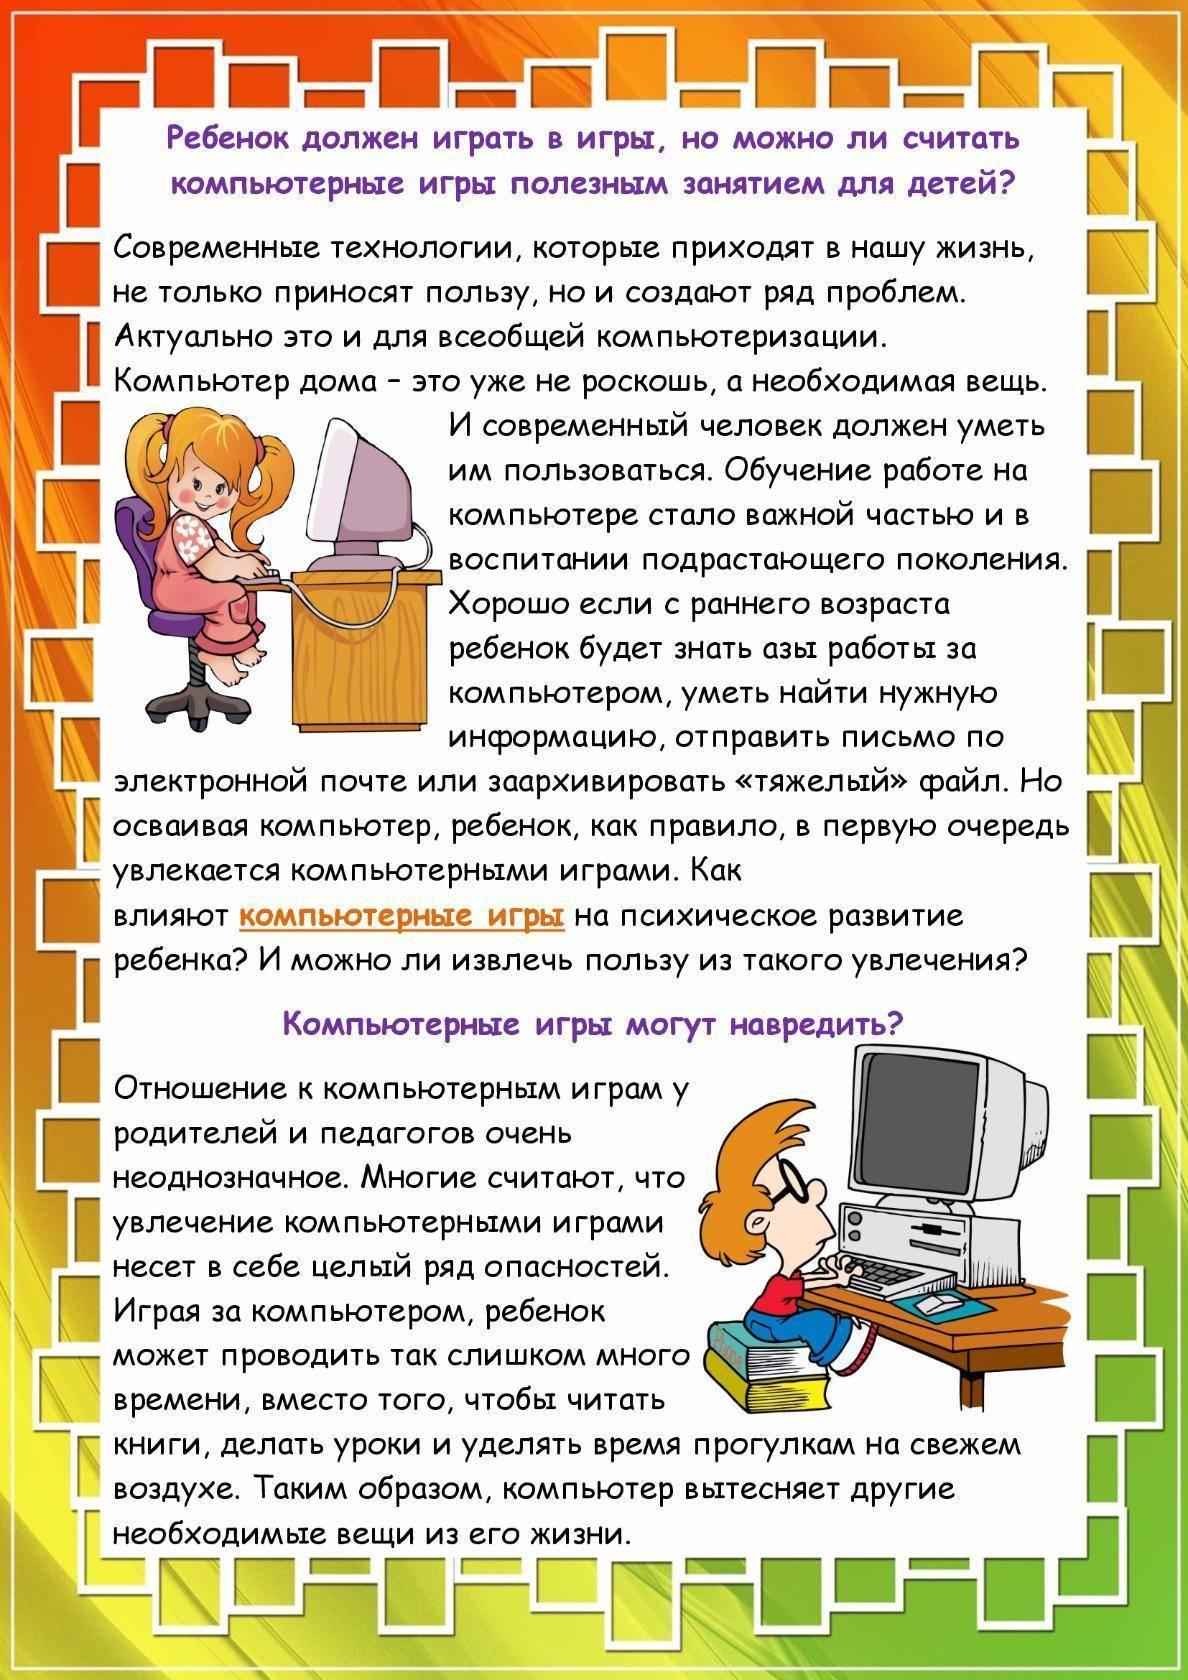 Компьютерные игры для детей: польза или вред? ребенок и компьютер